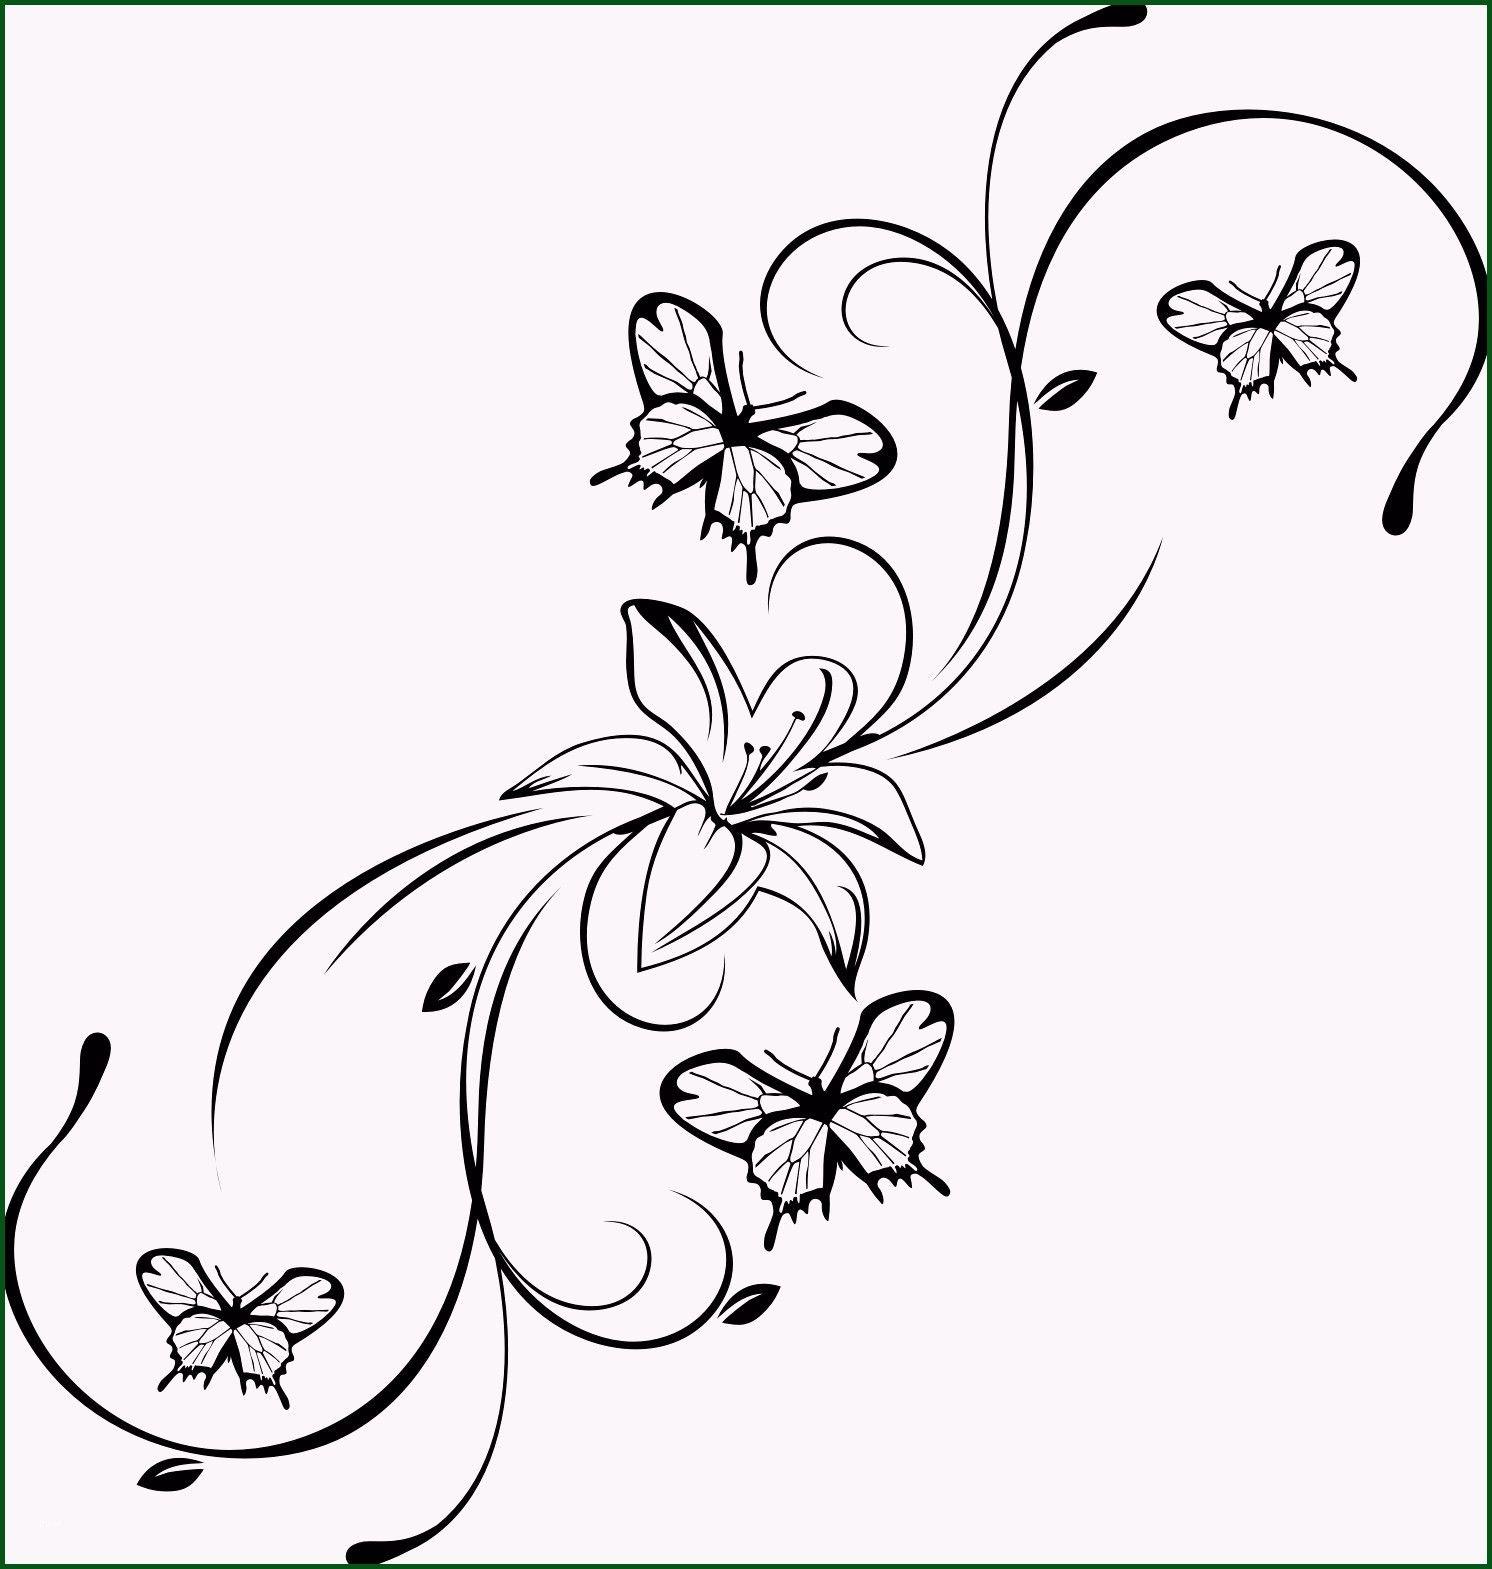 Neu Schmetterling Vorlagen Malvorlagen Malvorlagenfurkinder Malvorlagenfurerwachsene Flower Drawing Butterfly Tattoo Flower Tattoo Designs